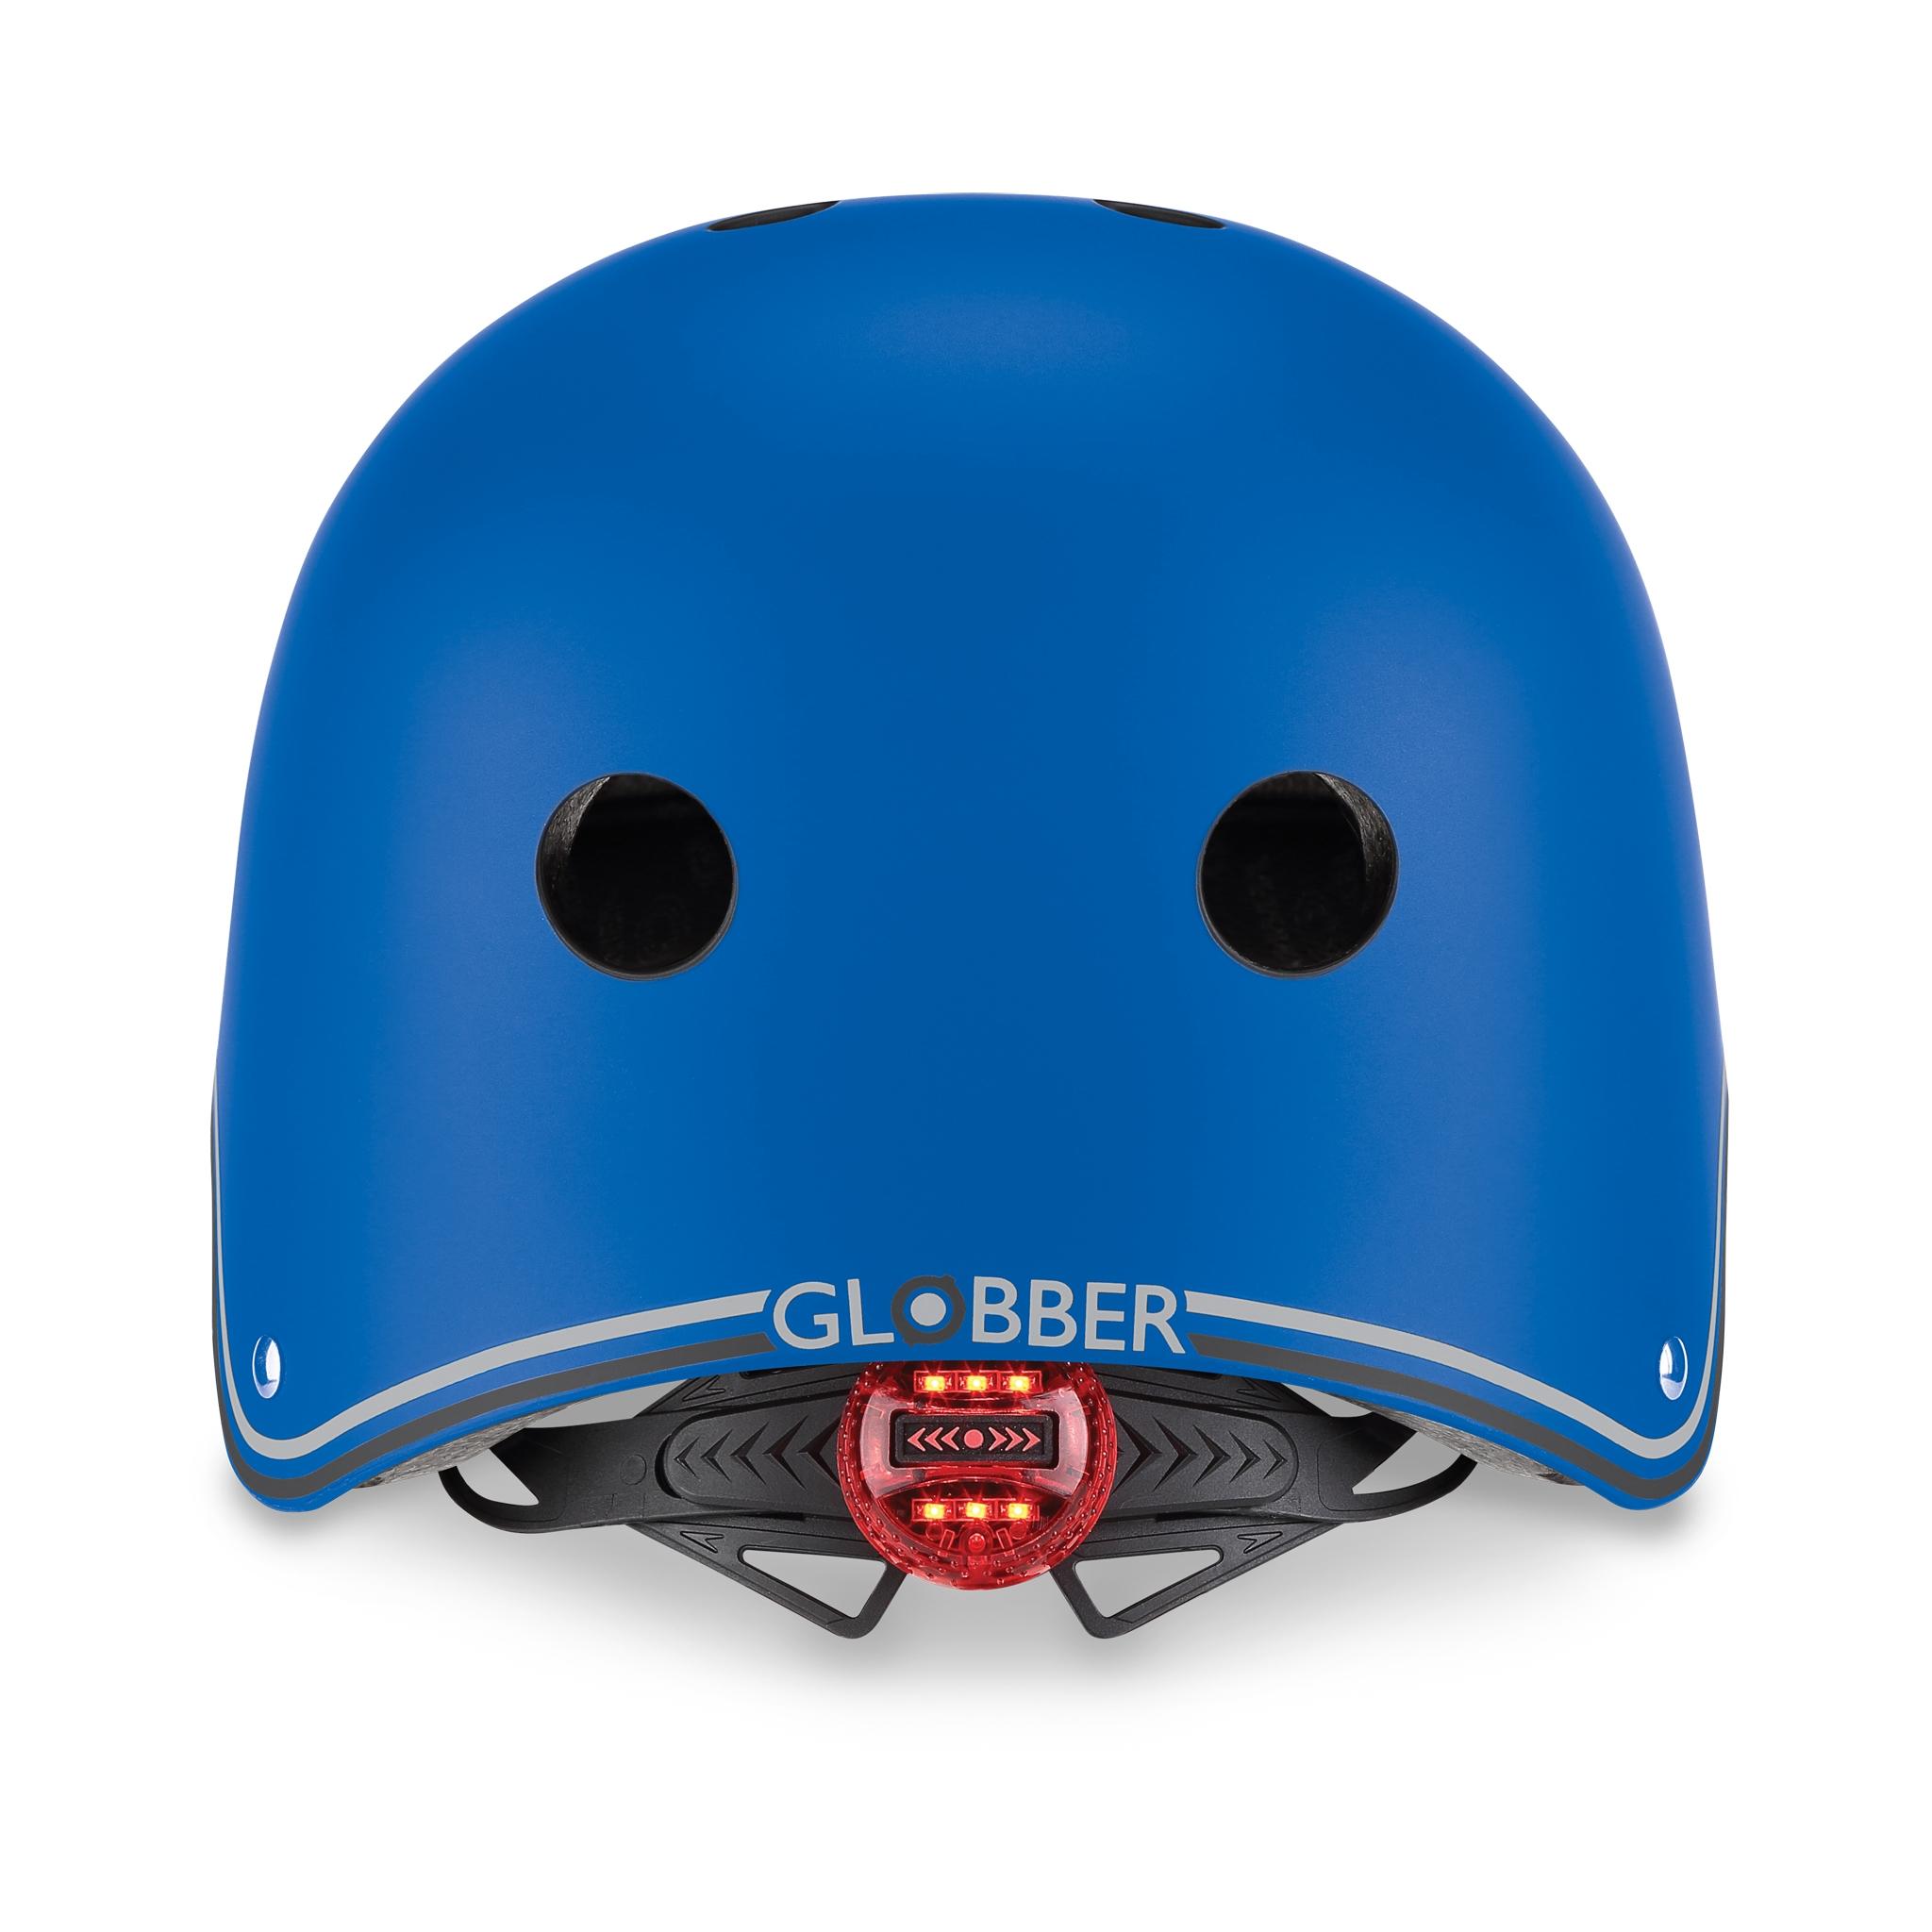 PRIMO-helmets-scooter-helmets-for-kids-with-LED-lights-safe-helmet-for-kids-navy-blue 2